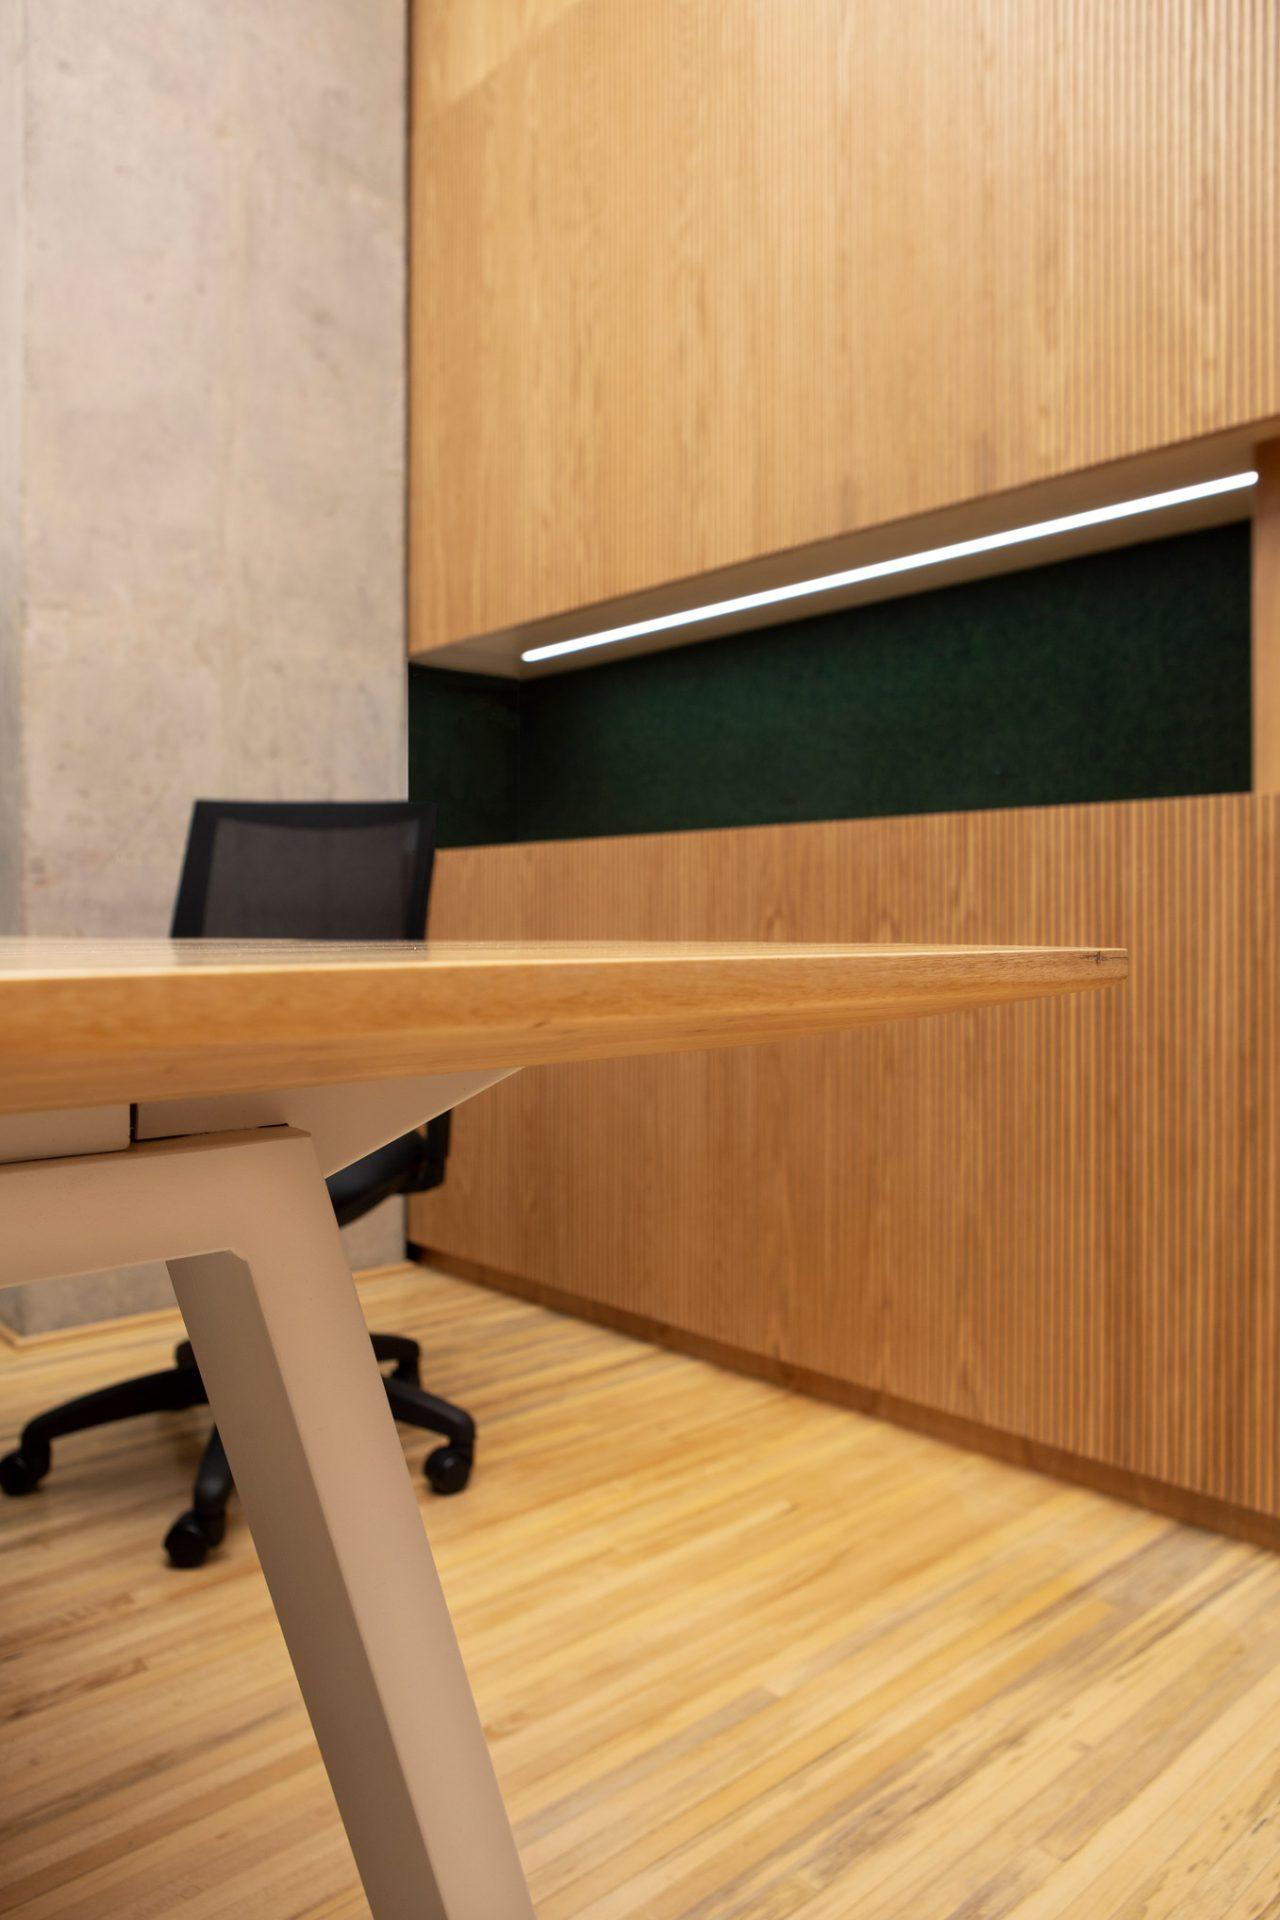 04.regugio.arquitectura.simon.bosch.photography.interior.bogota